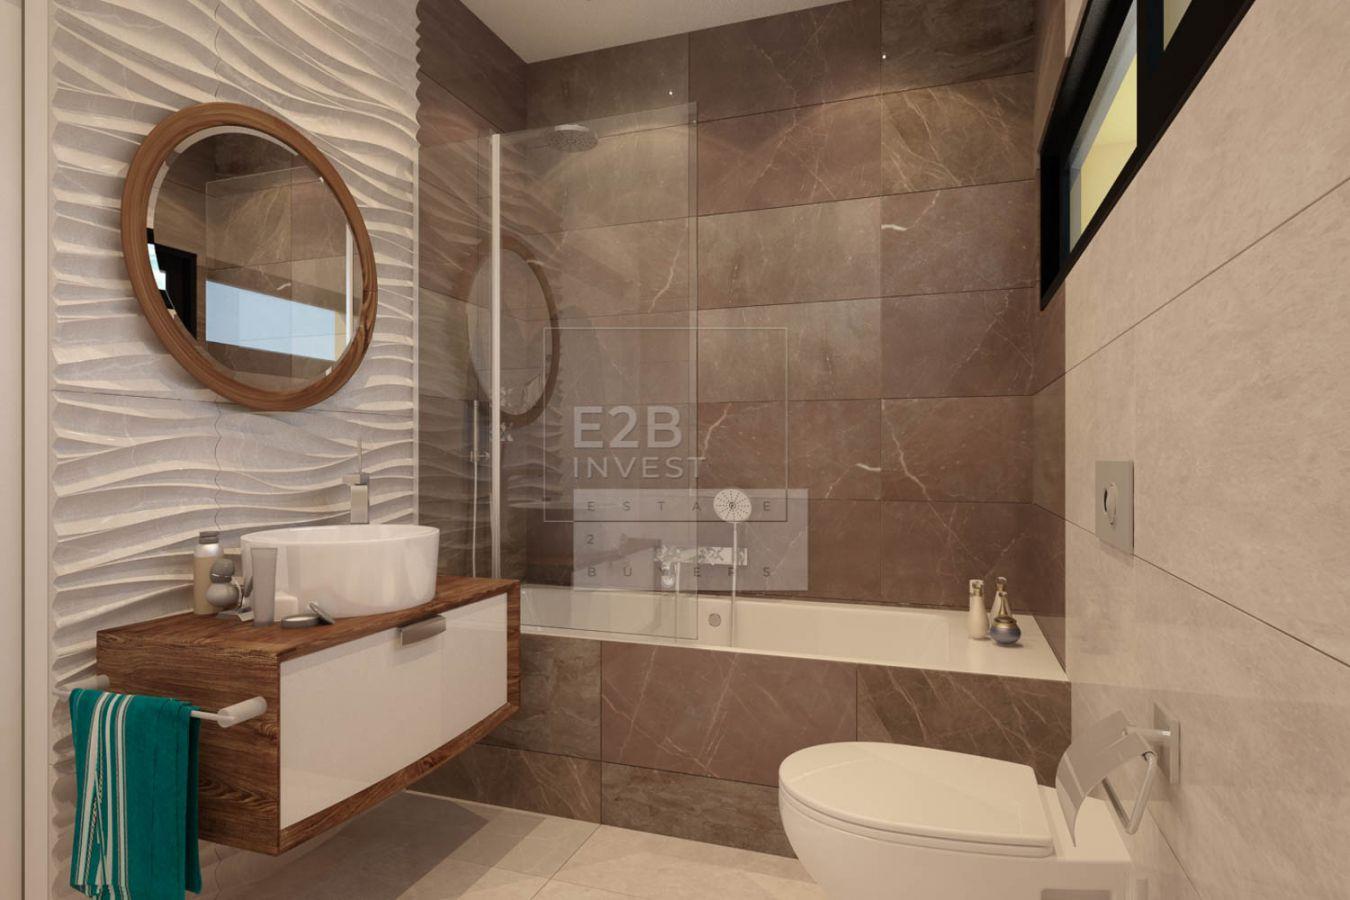 E2B-Invest-appartement-PATA00010-04